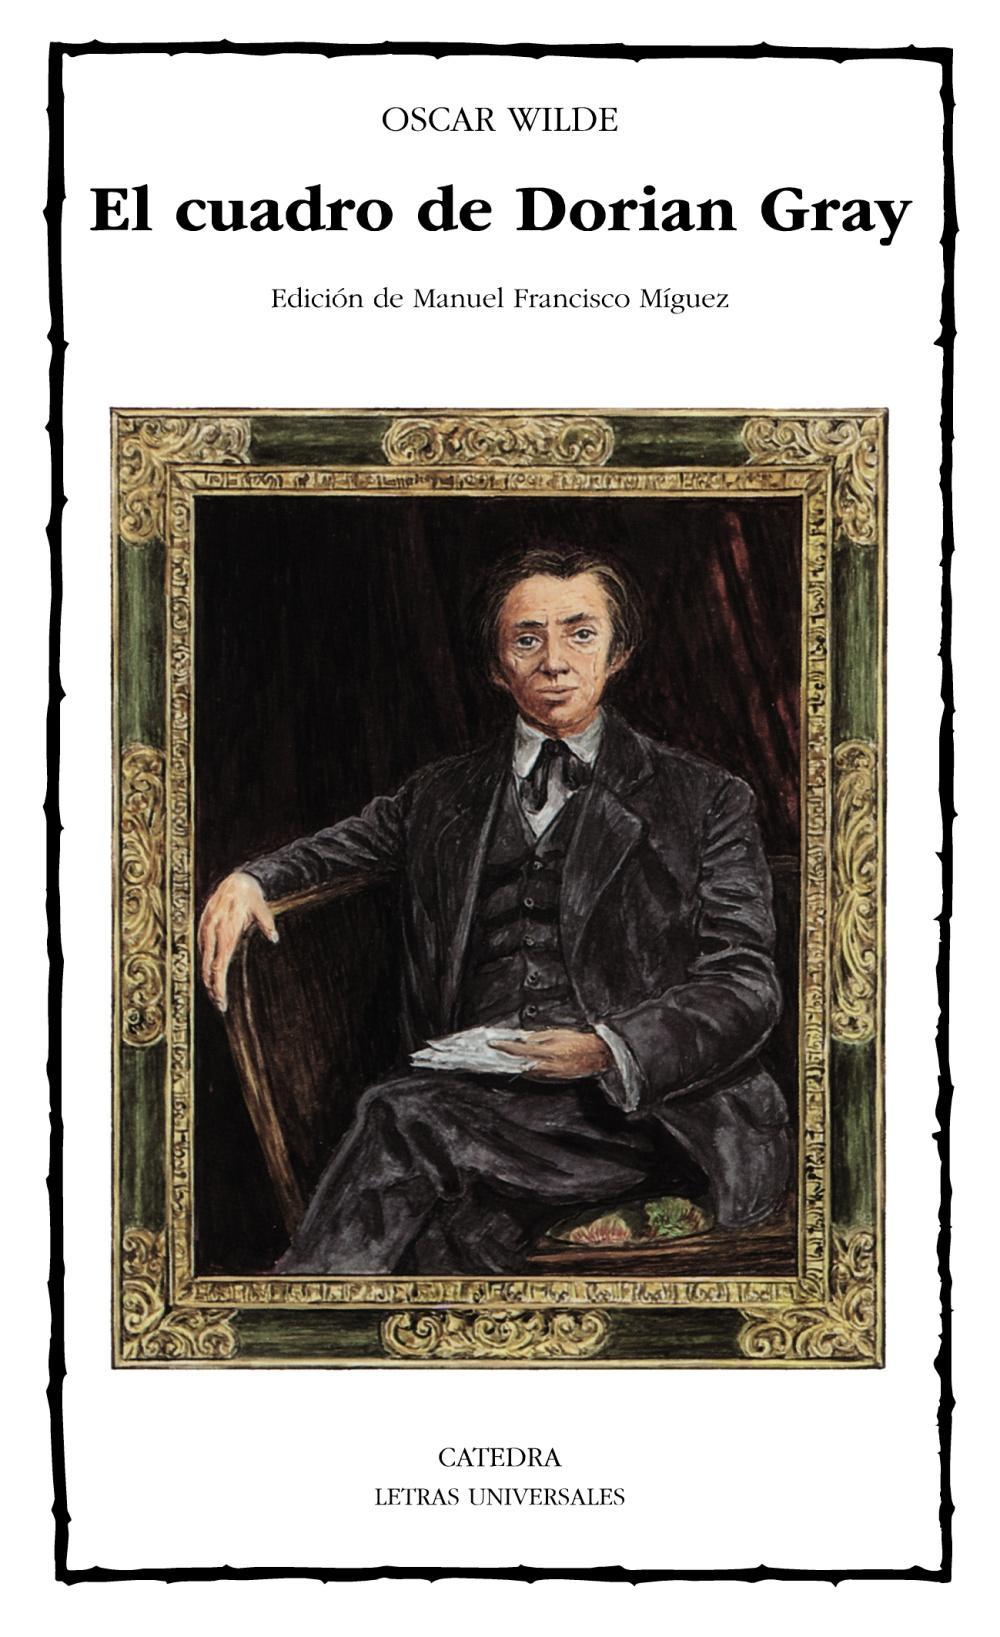 El cuadro de Dorian Gray